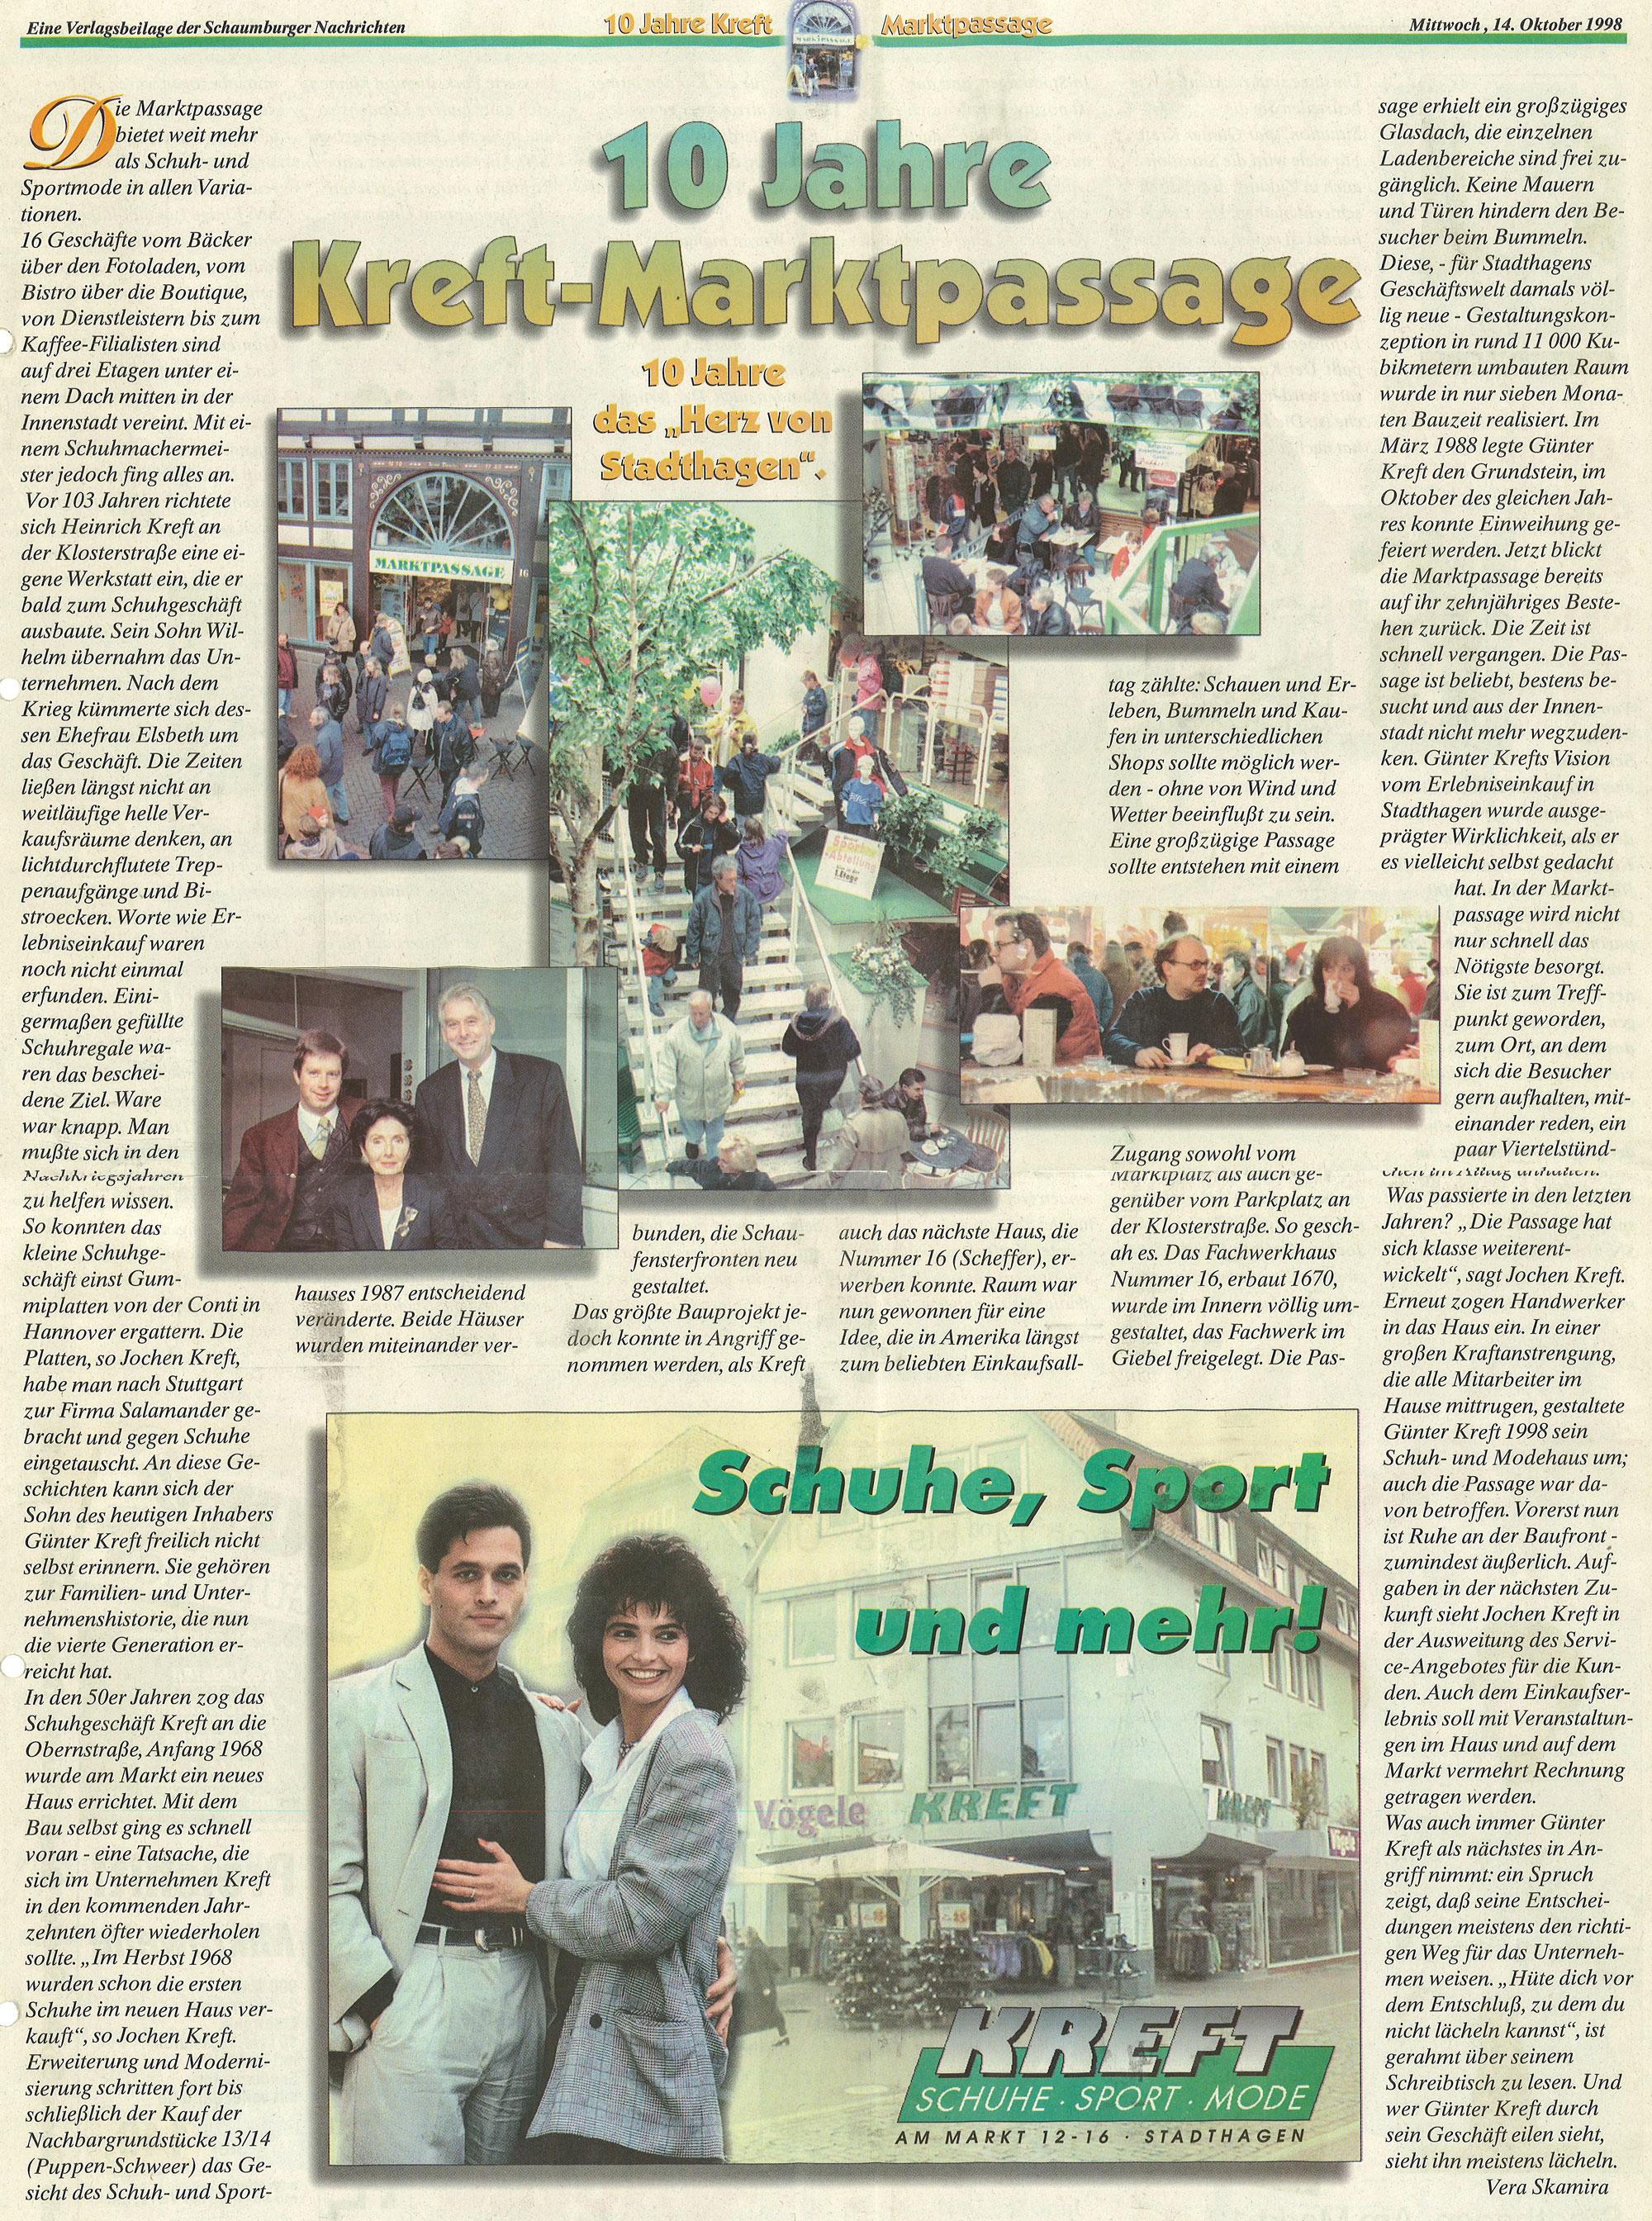 SN-Beilage-1998-Okrober-14-10-Jahre-Marktpassage